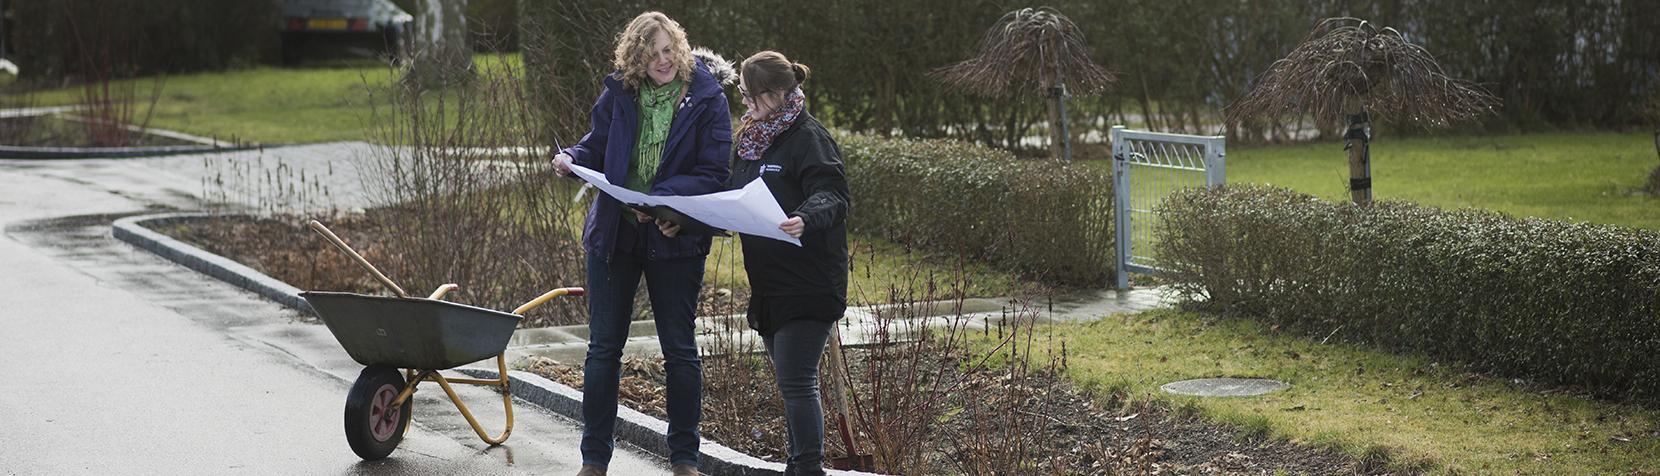 Regnbed - to personer står med trillebør og plantegning